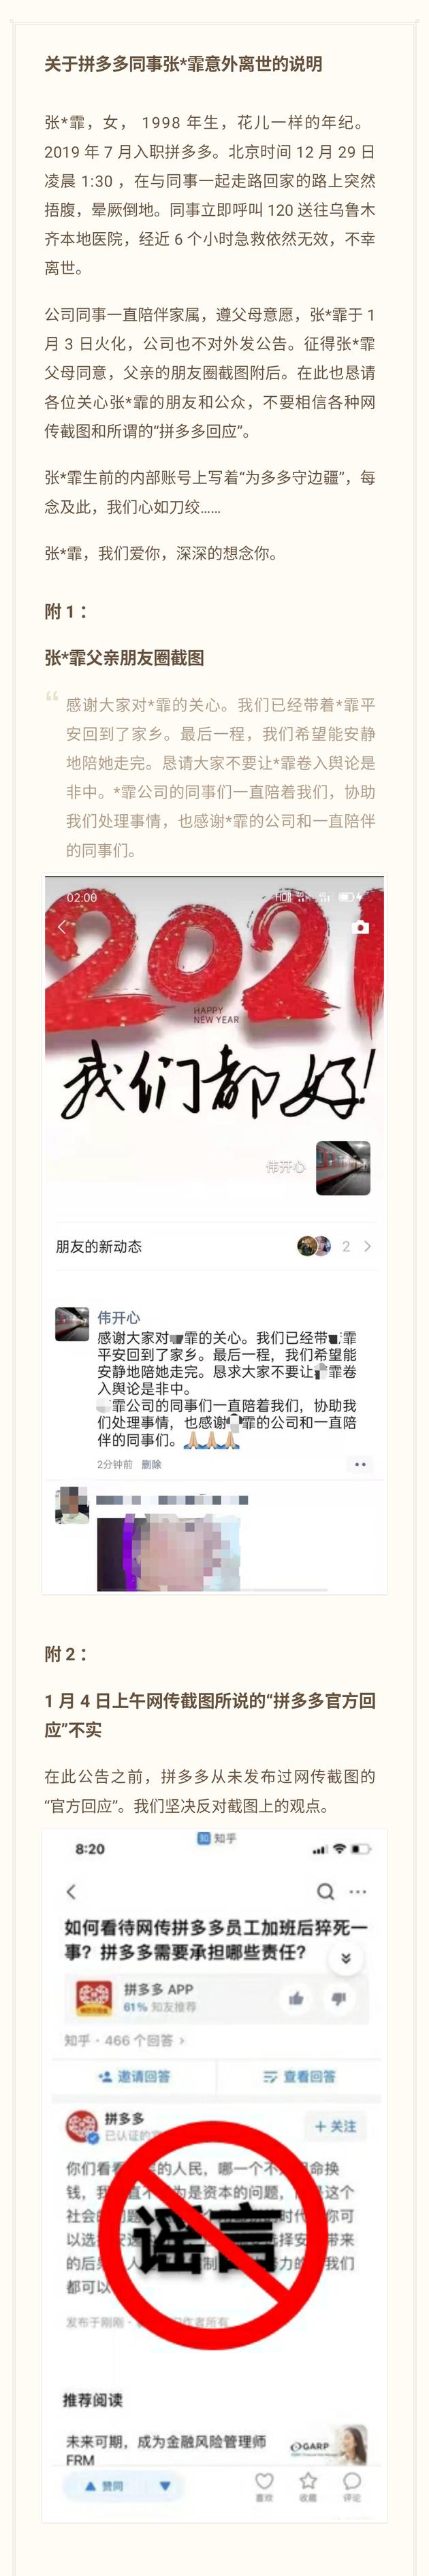 拼多多官方回应98年员工猝死  否认网传截图